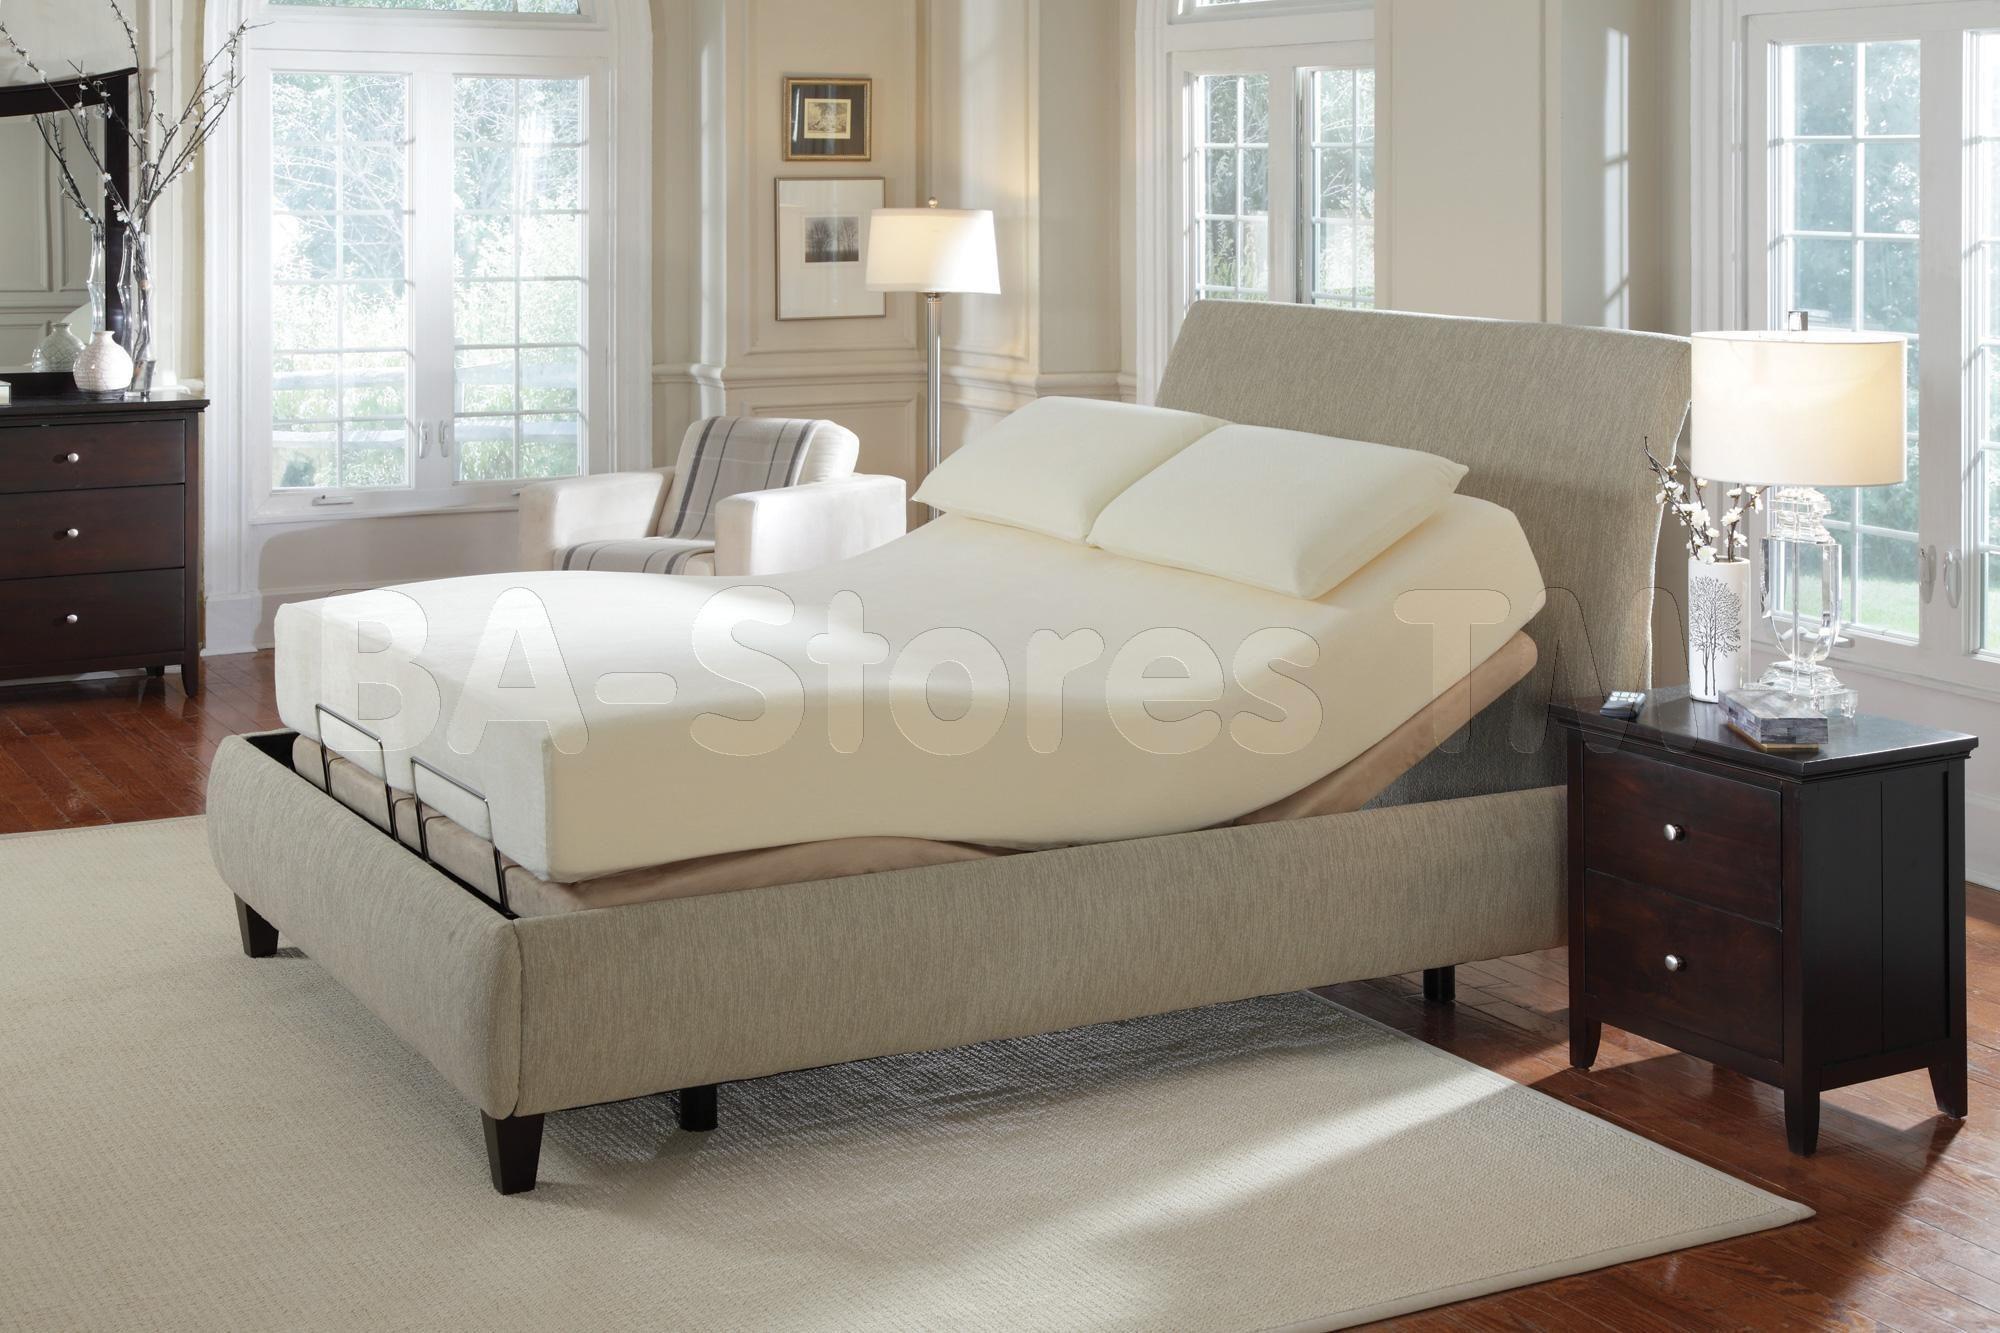 Adjustable Massage Bed Adjustable Bed Base Adjustable Beds